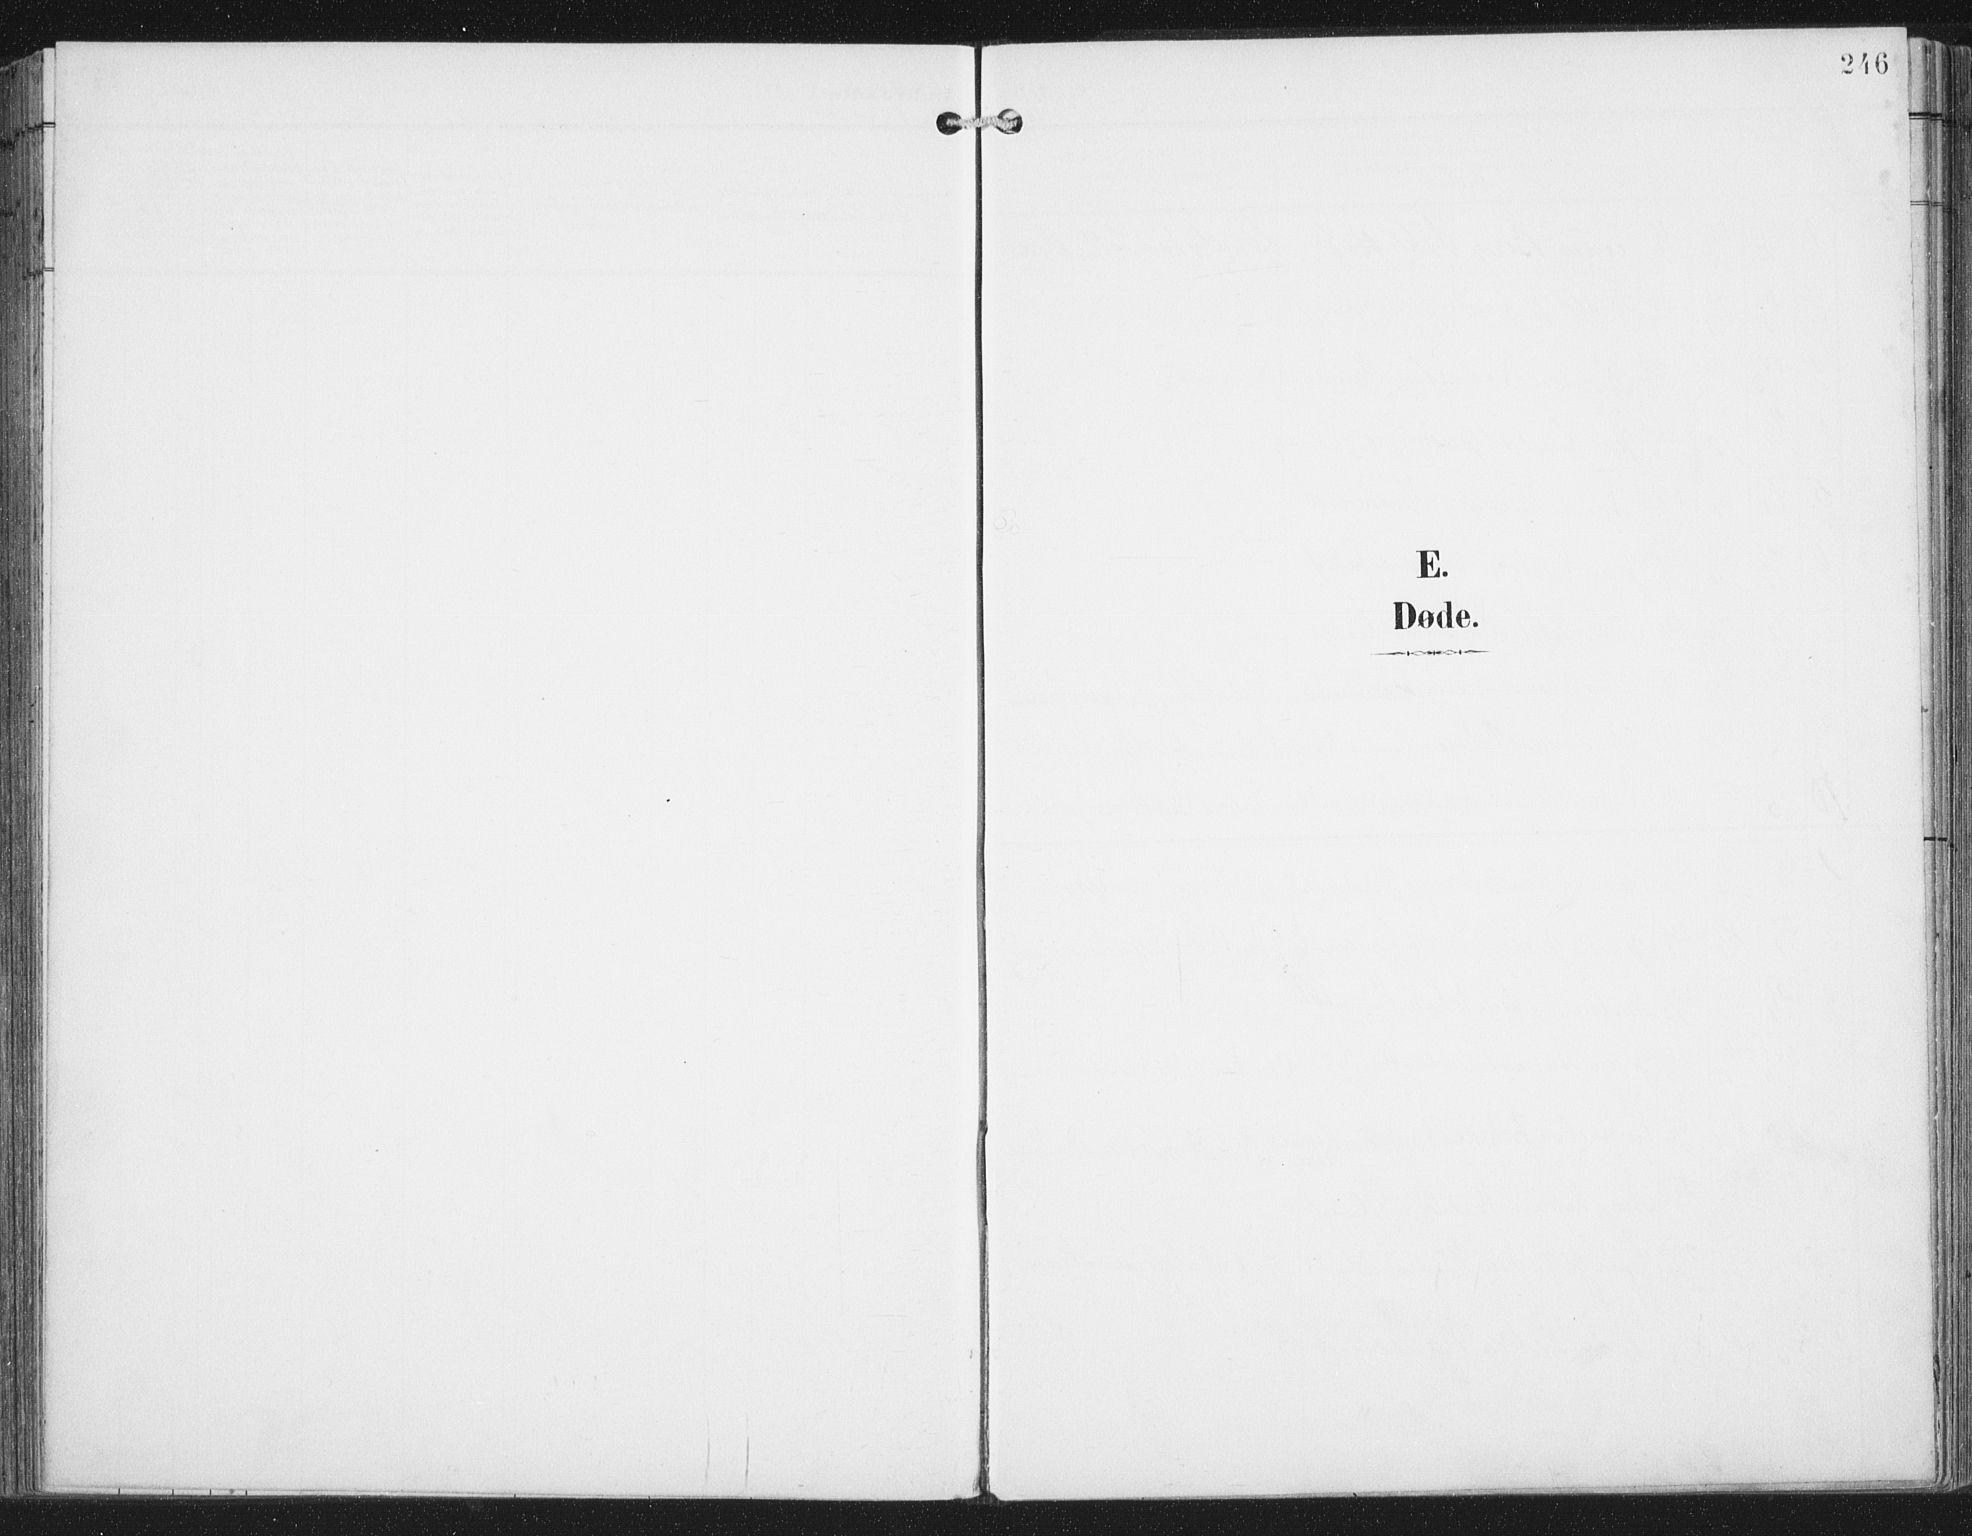 SAT, Ministerialprotokoller, klokkerbøker og fødselsregistre - Nordland, 876/L1098: Parish register (official) no. 876A04, 1896-1915, p. 246